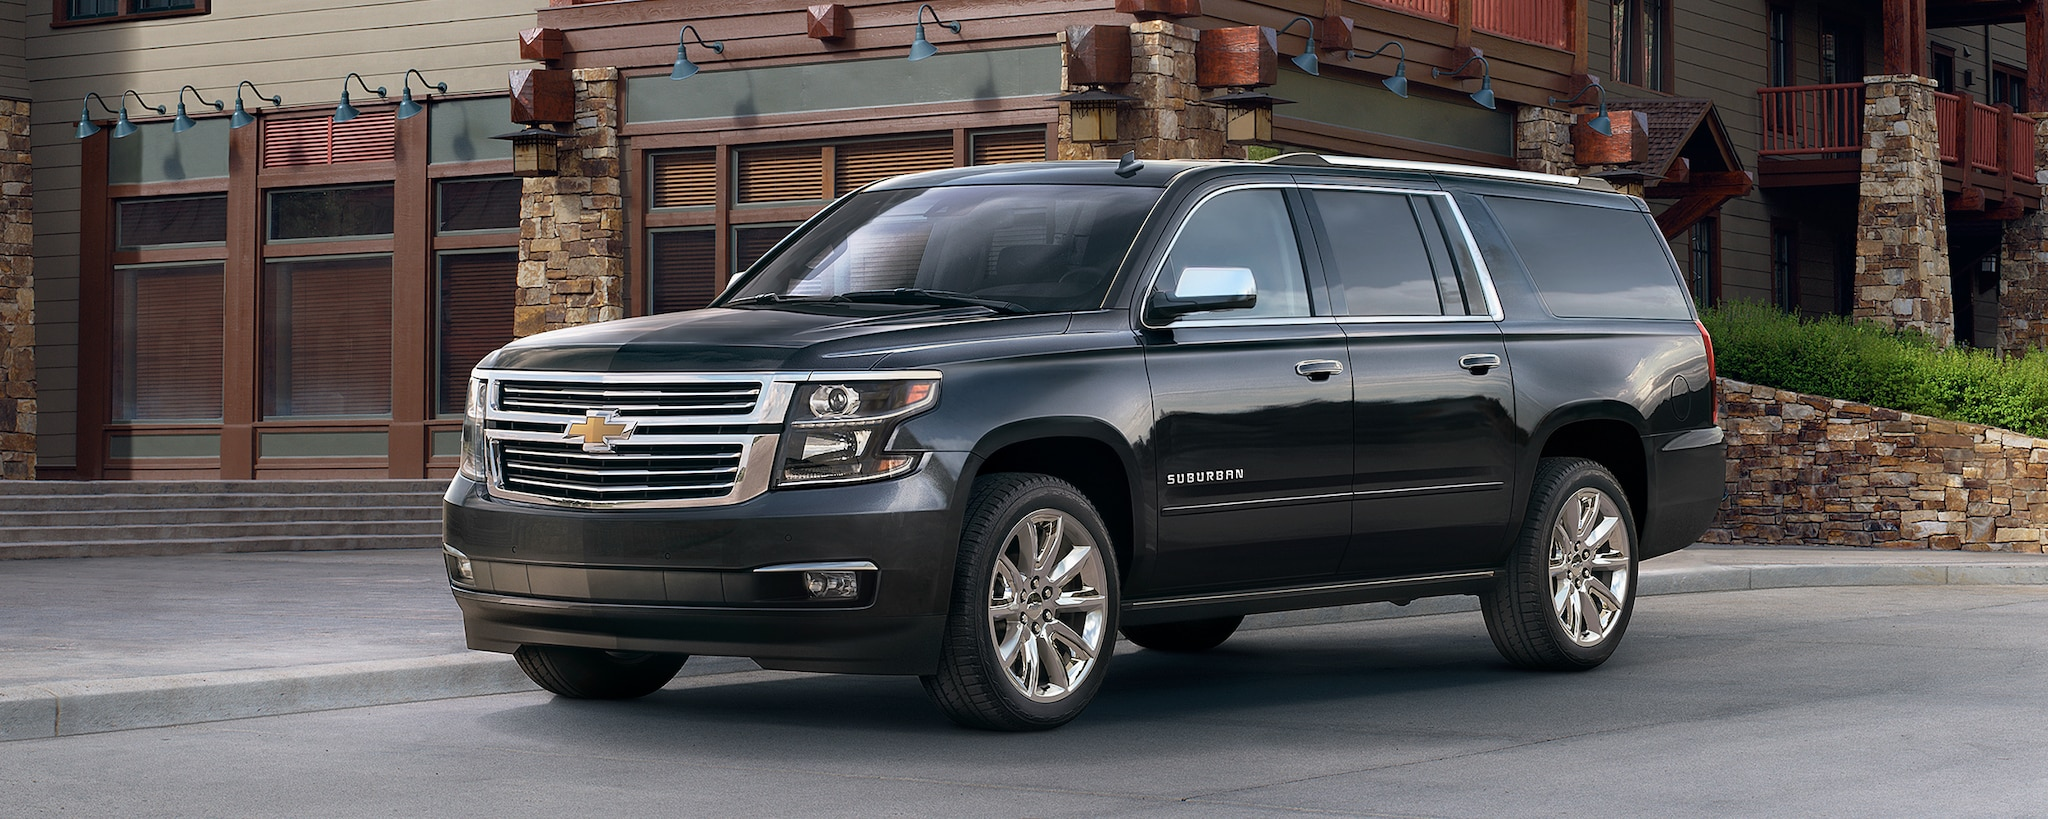 Vehículos comerciales de Chevrolet: SUV grande Suburban: perfil lateral